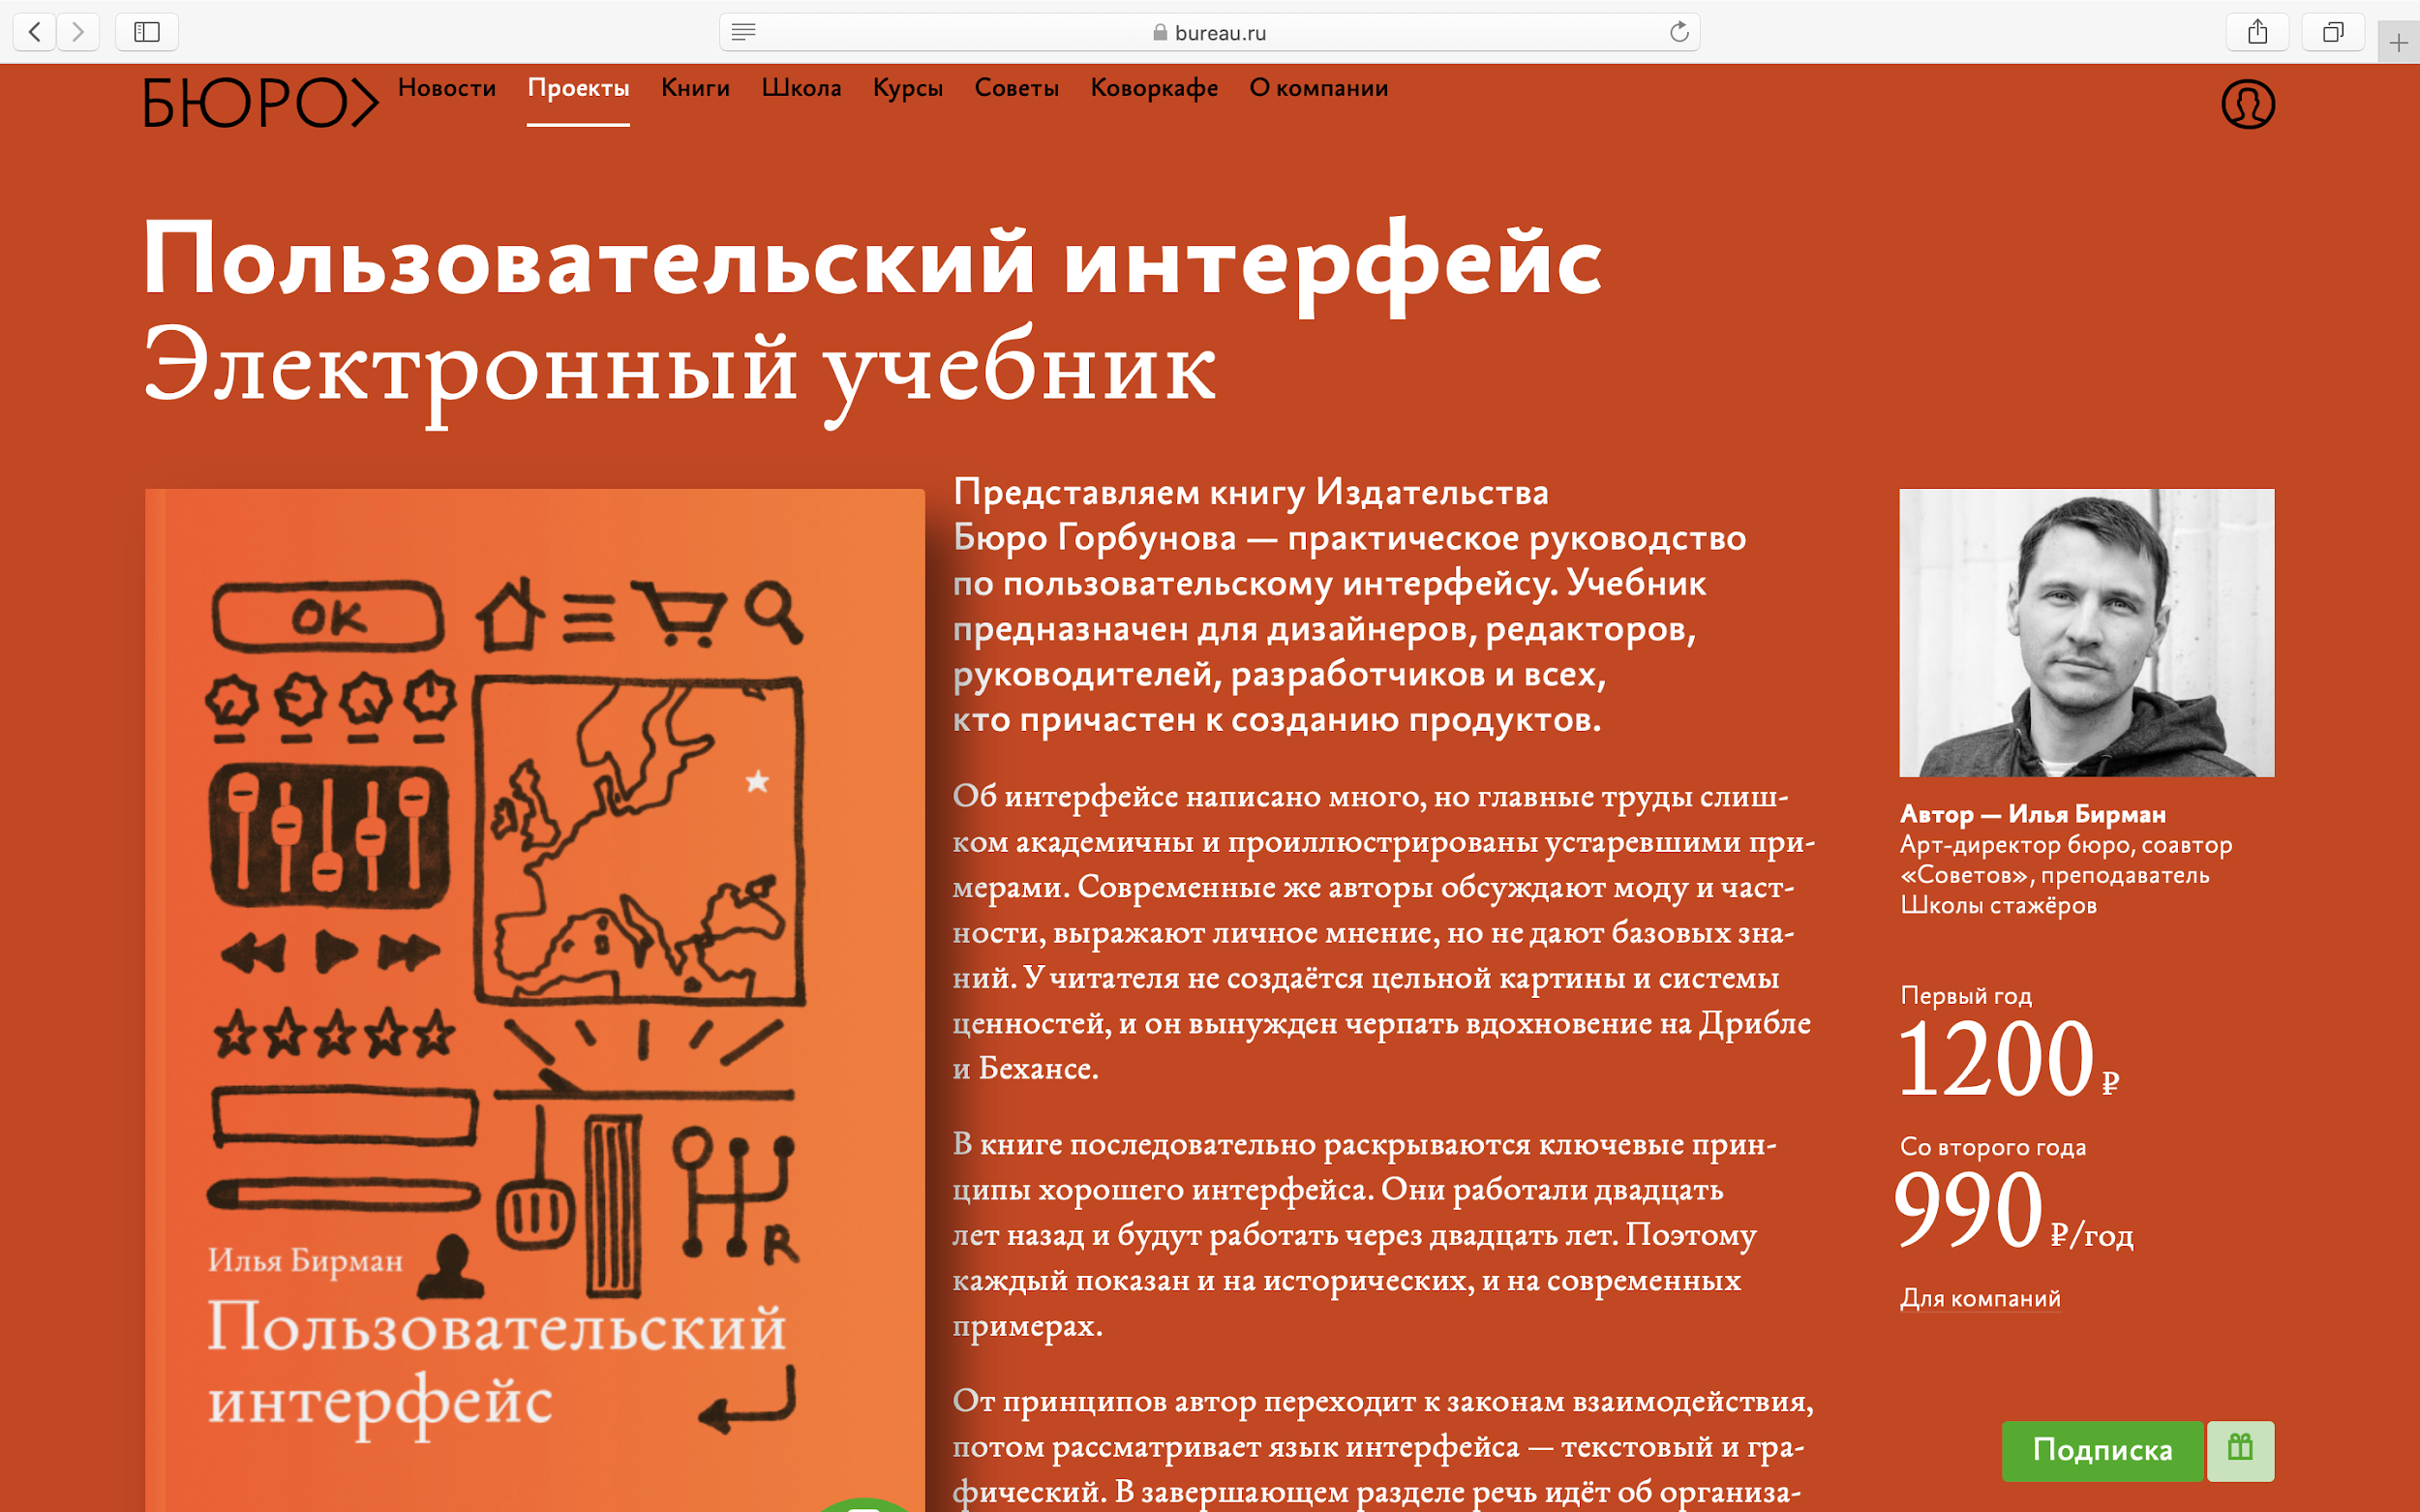 Книга-курс Пользовательский интерфейс издательства Бюро Горбунова — для всех, кто причастен к созданию продуктов